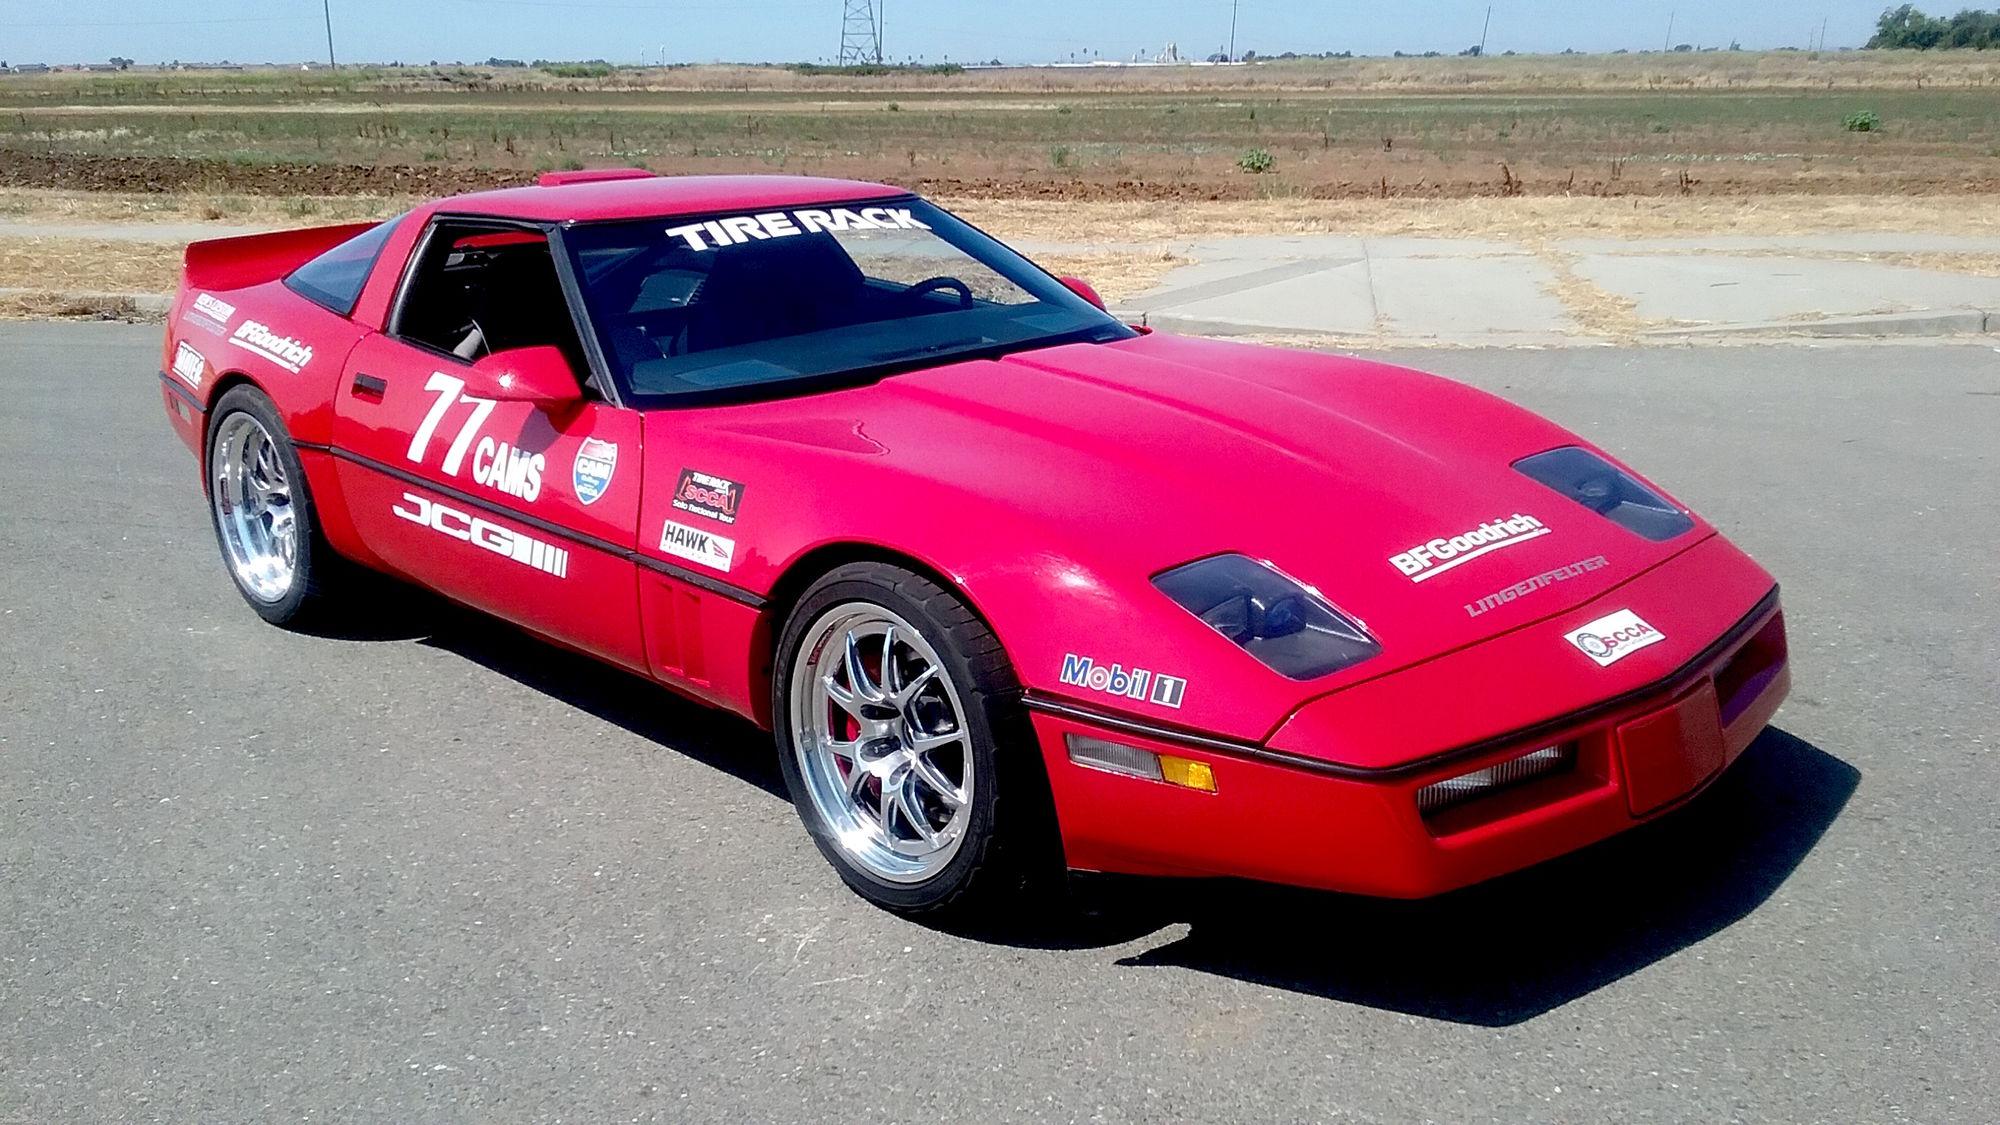 1989 Chevrolet Corvette | Kenny Mitchell's '89 Corvette on Forgeline GA3R Wheels